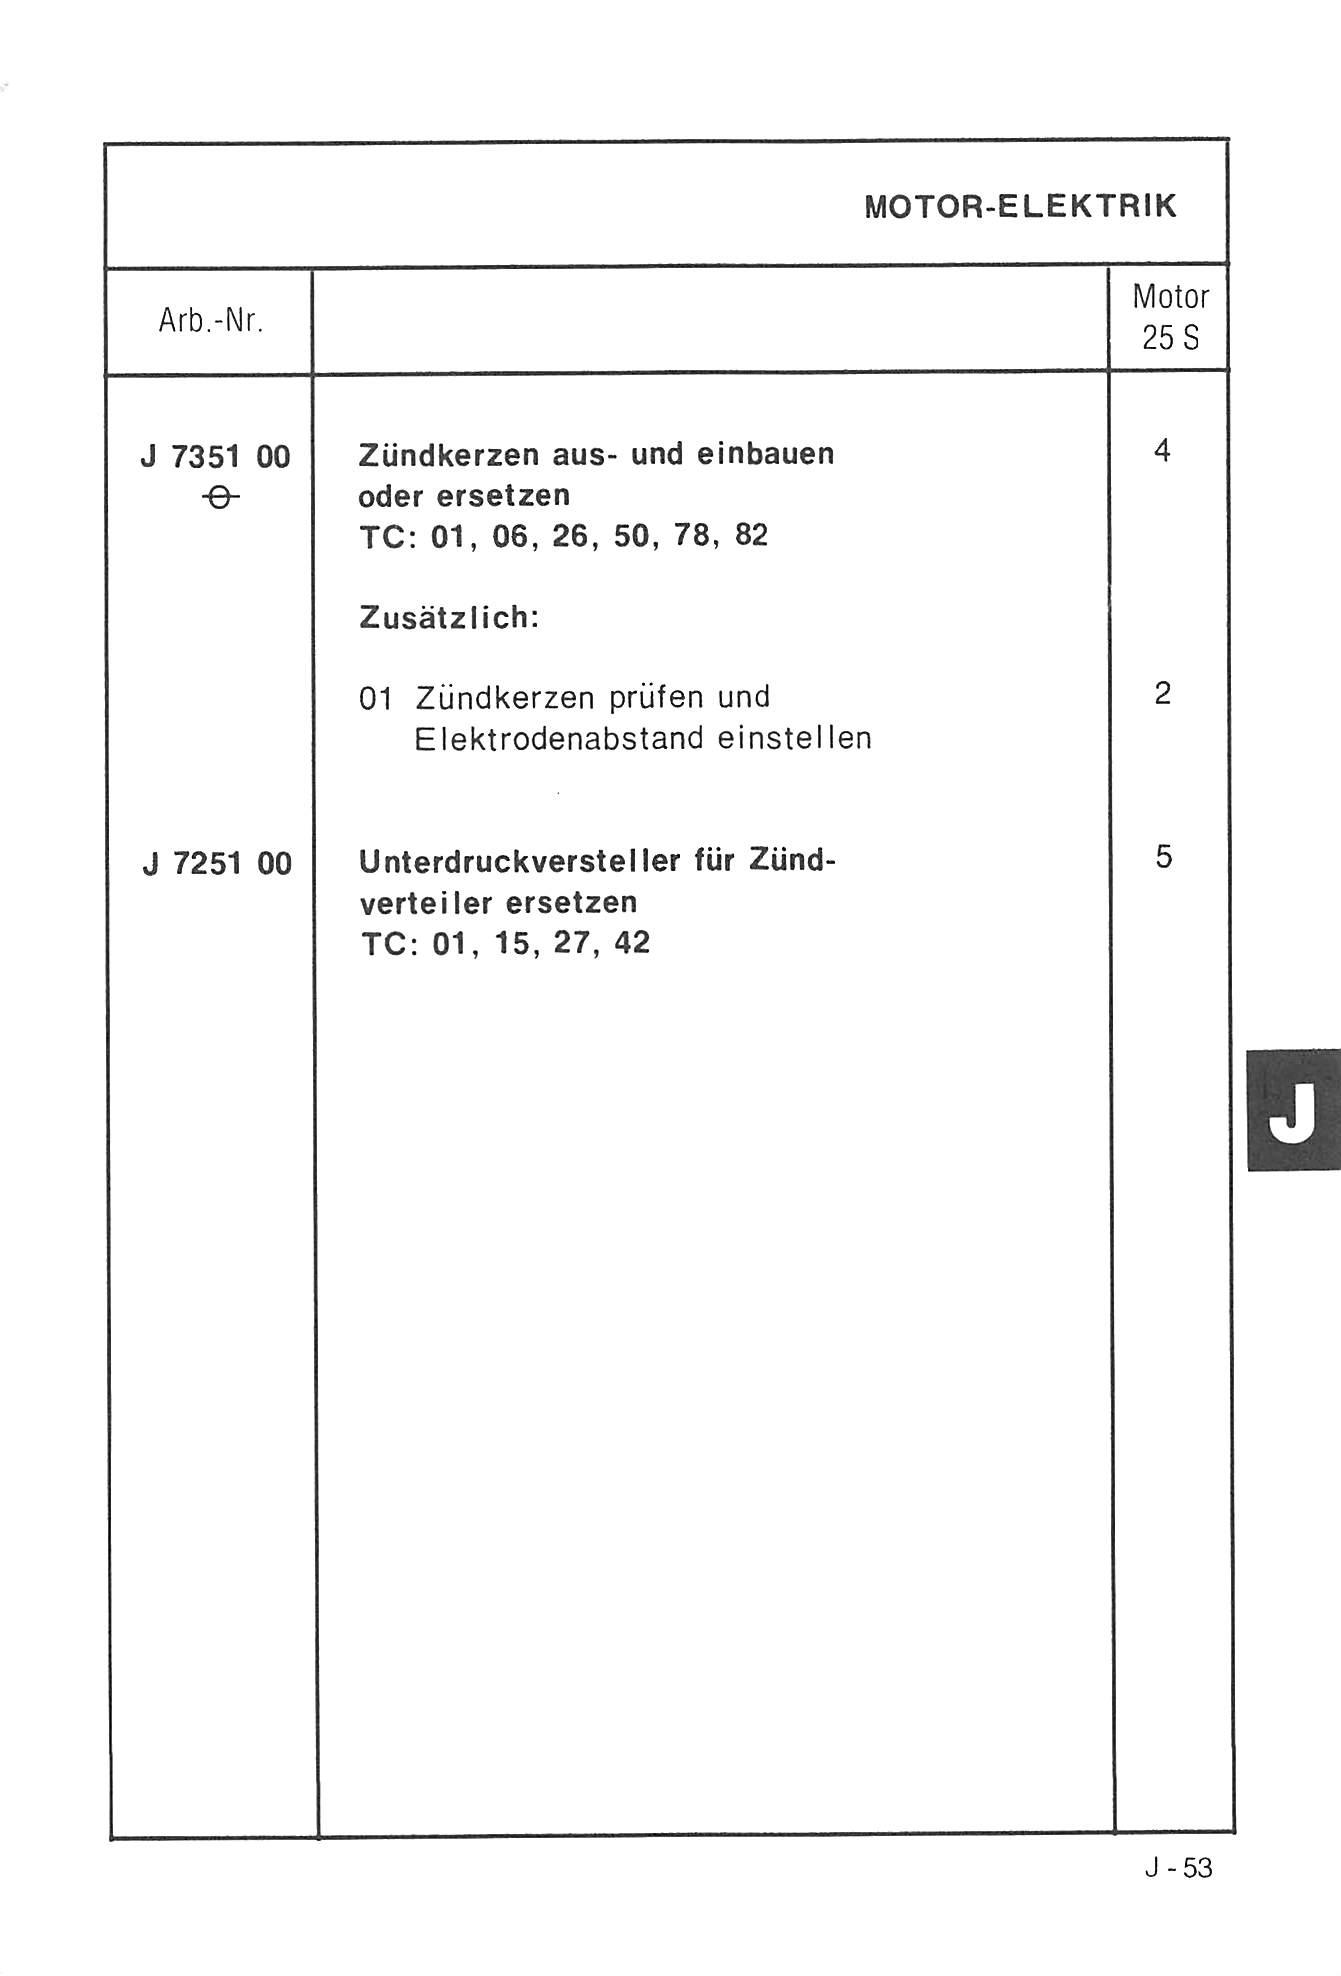 CIH-Otto-Motoren - Wissenswertes über den Opel Commodore C